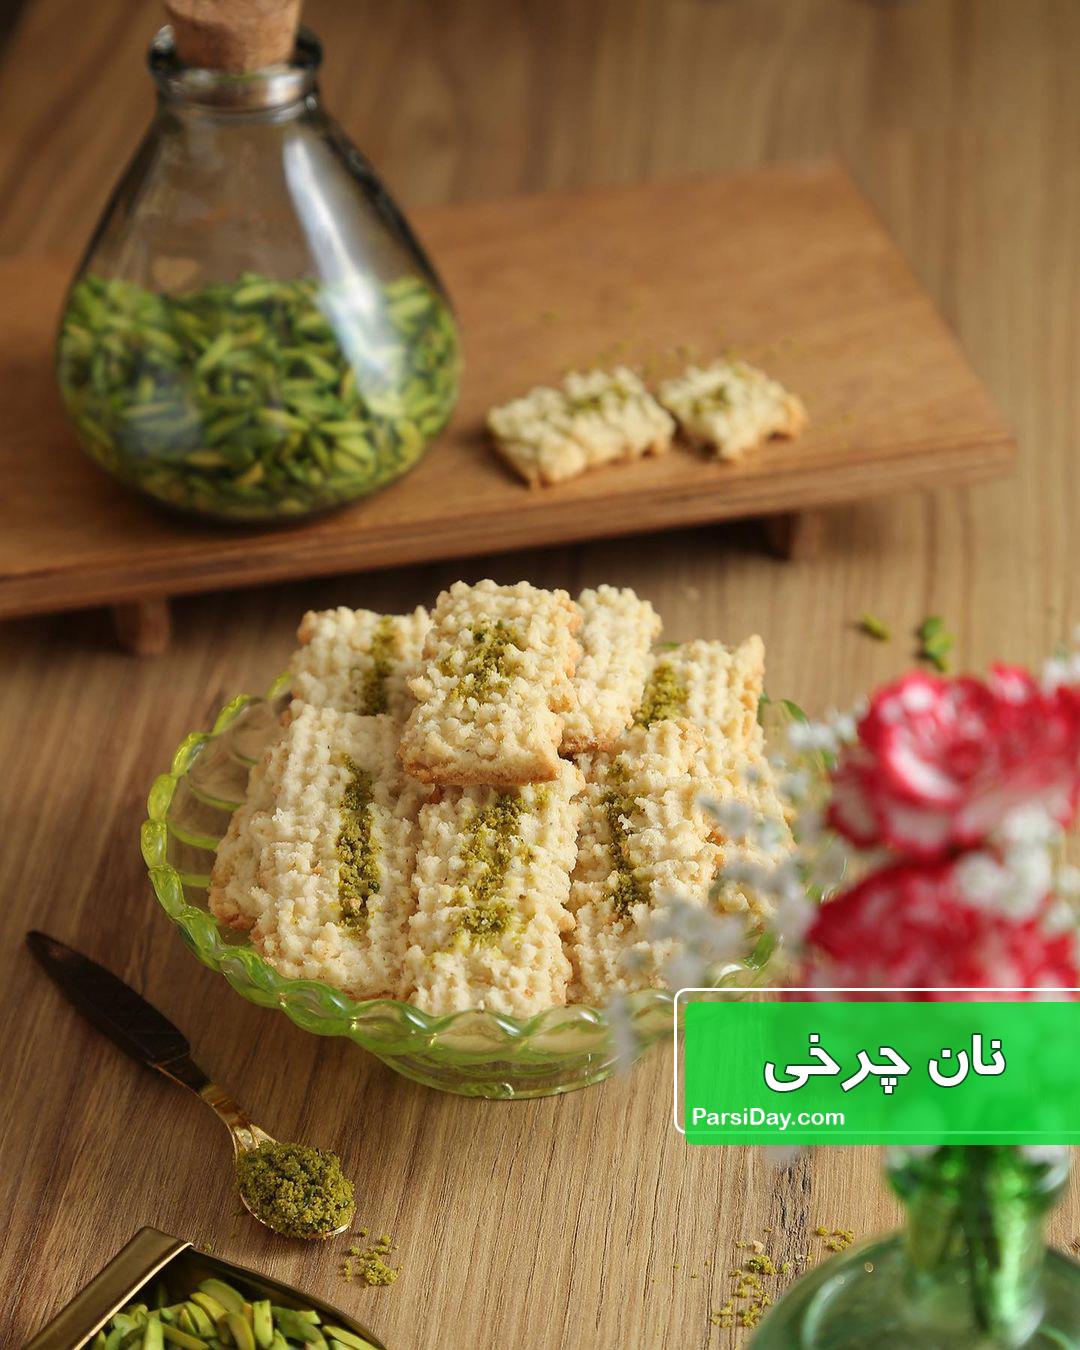 طرز تهیه شیرینی نان چرخی خانگی قزوینی خوش طعم و مجلسی